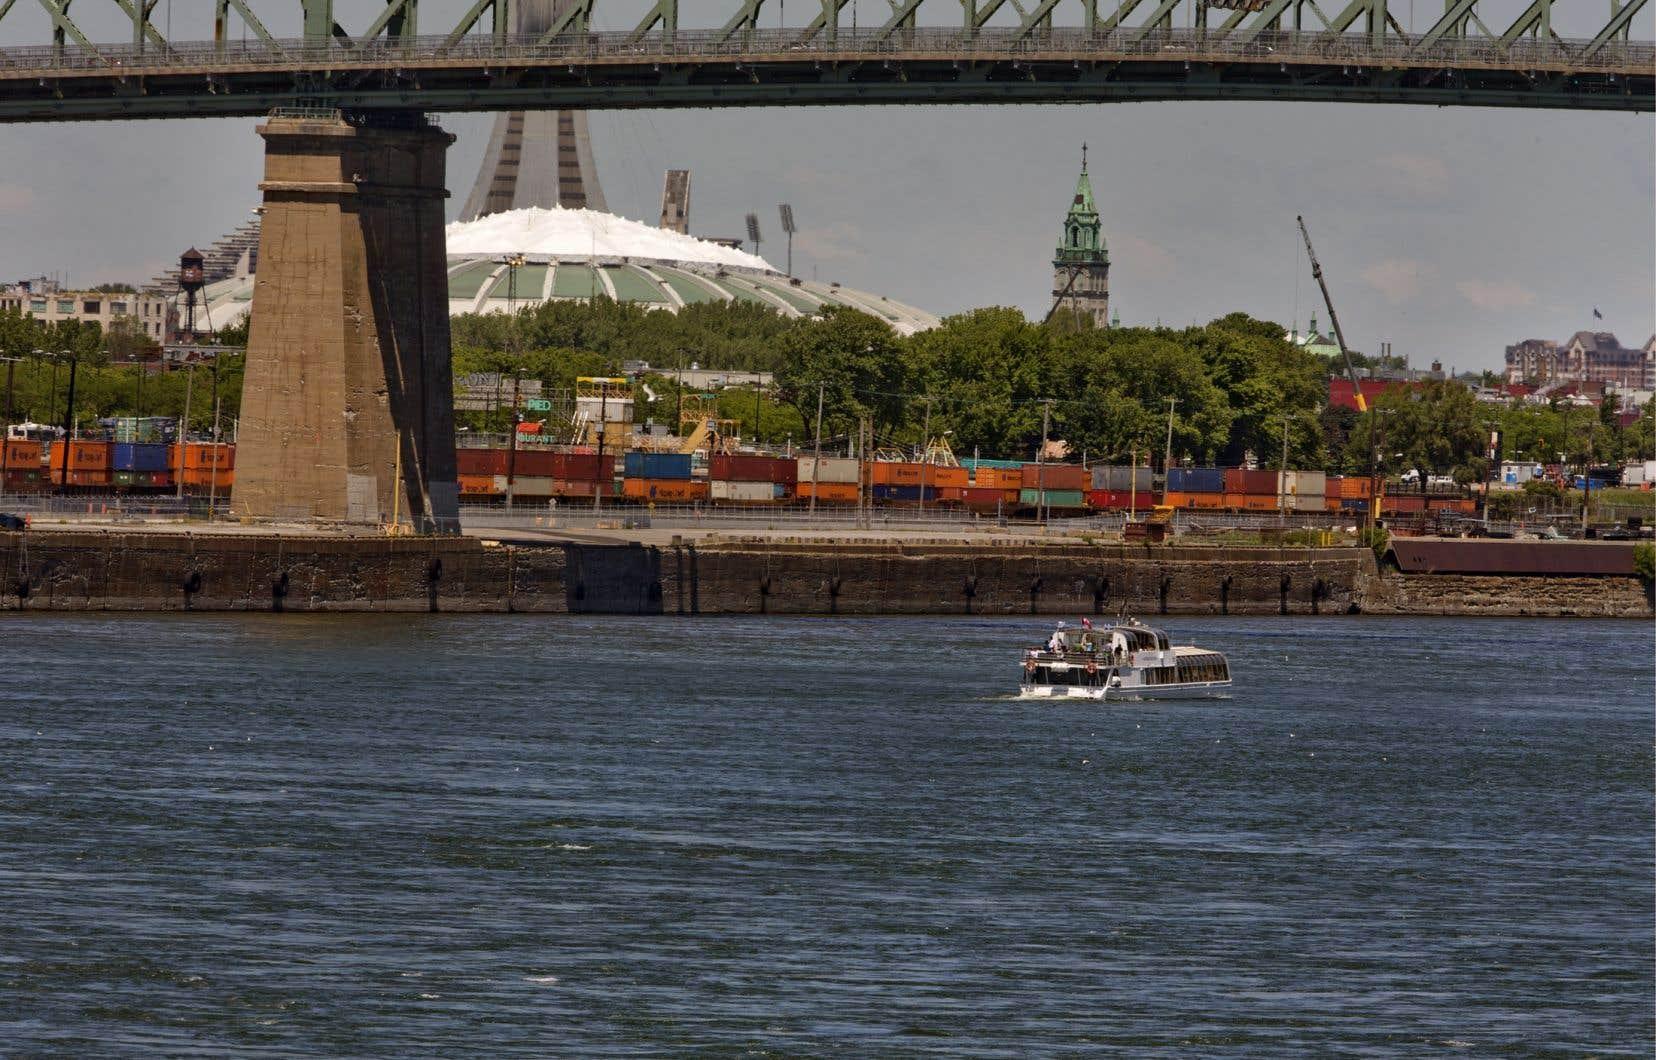 Le fleuve Saint-Laurent serait l'un des cours d'eau où l'oxygène se raréfie le plus rapidement, d'après M.Montpetit,directeur de la conservation chez Ciel et Terre.